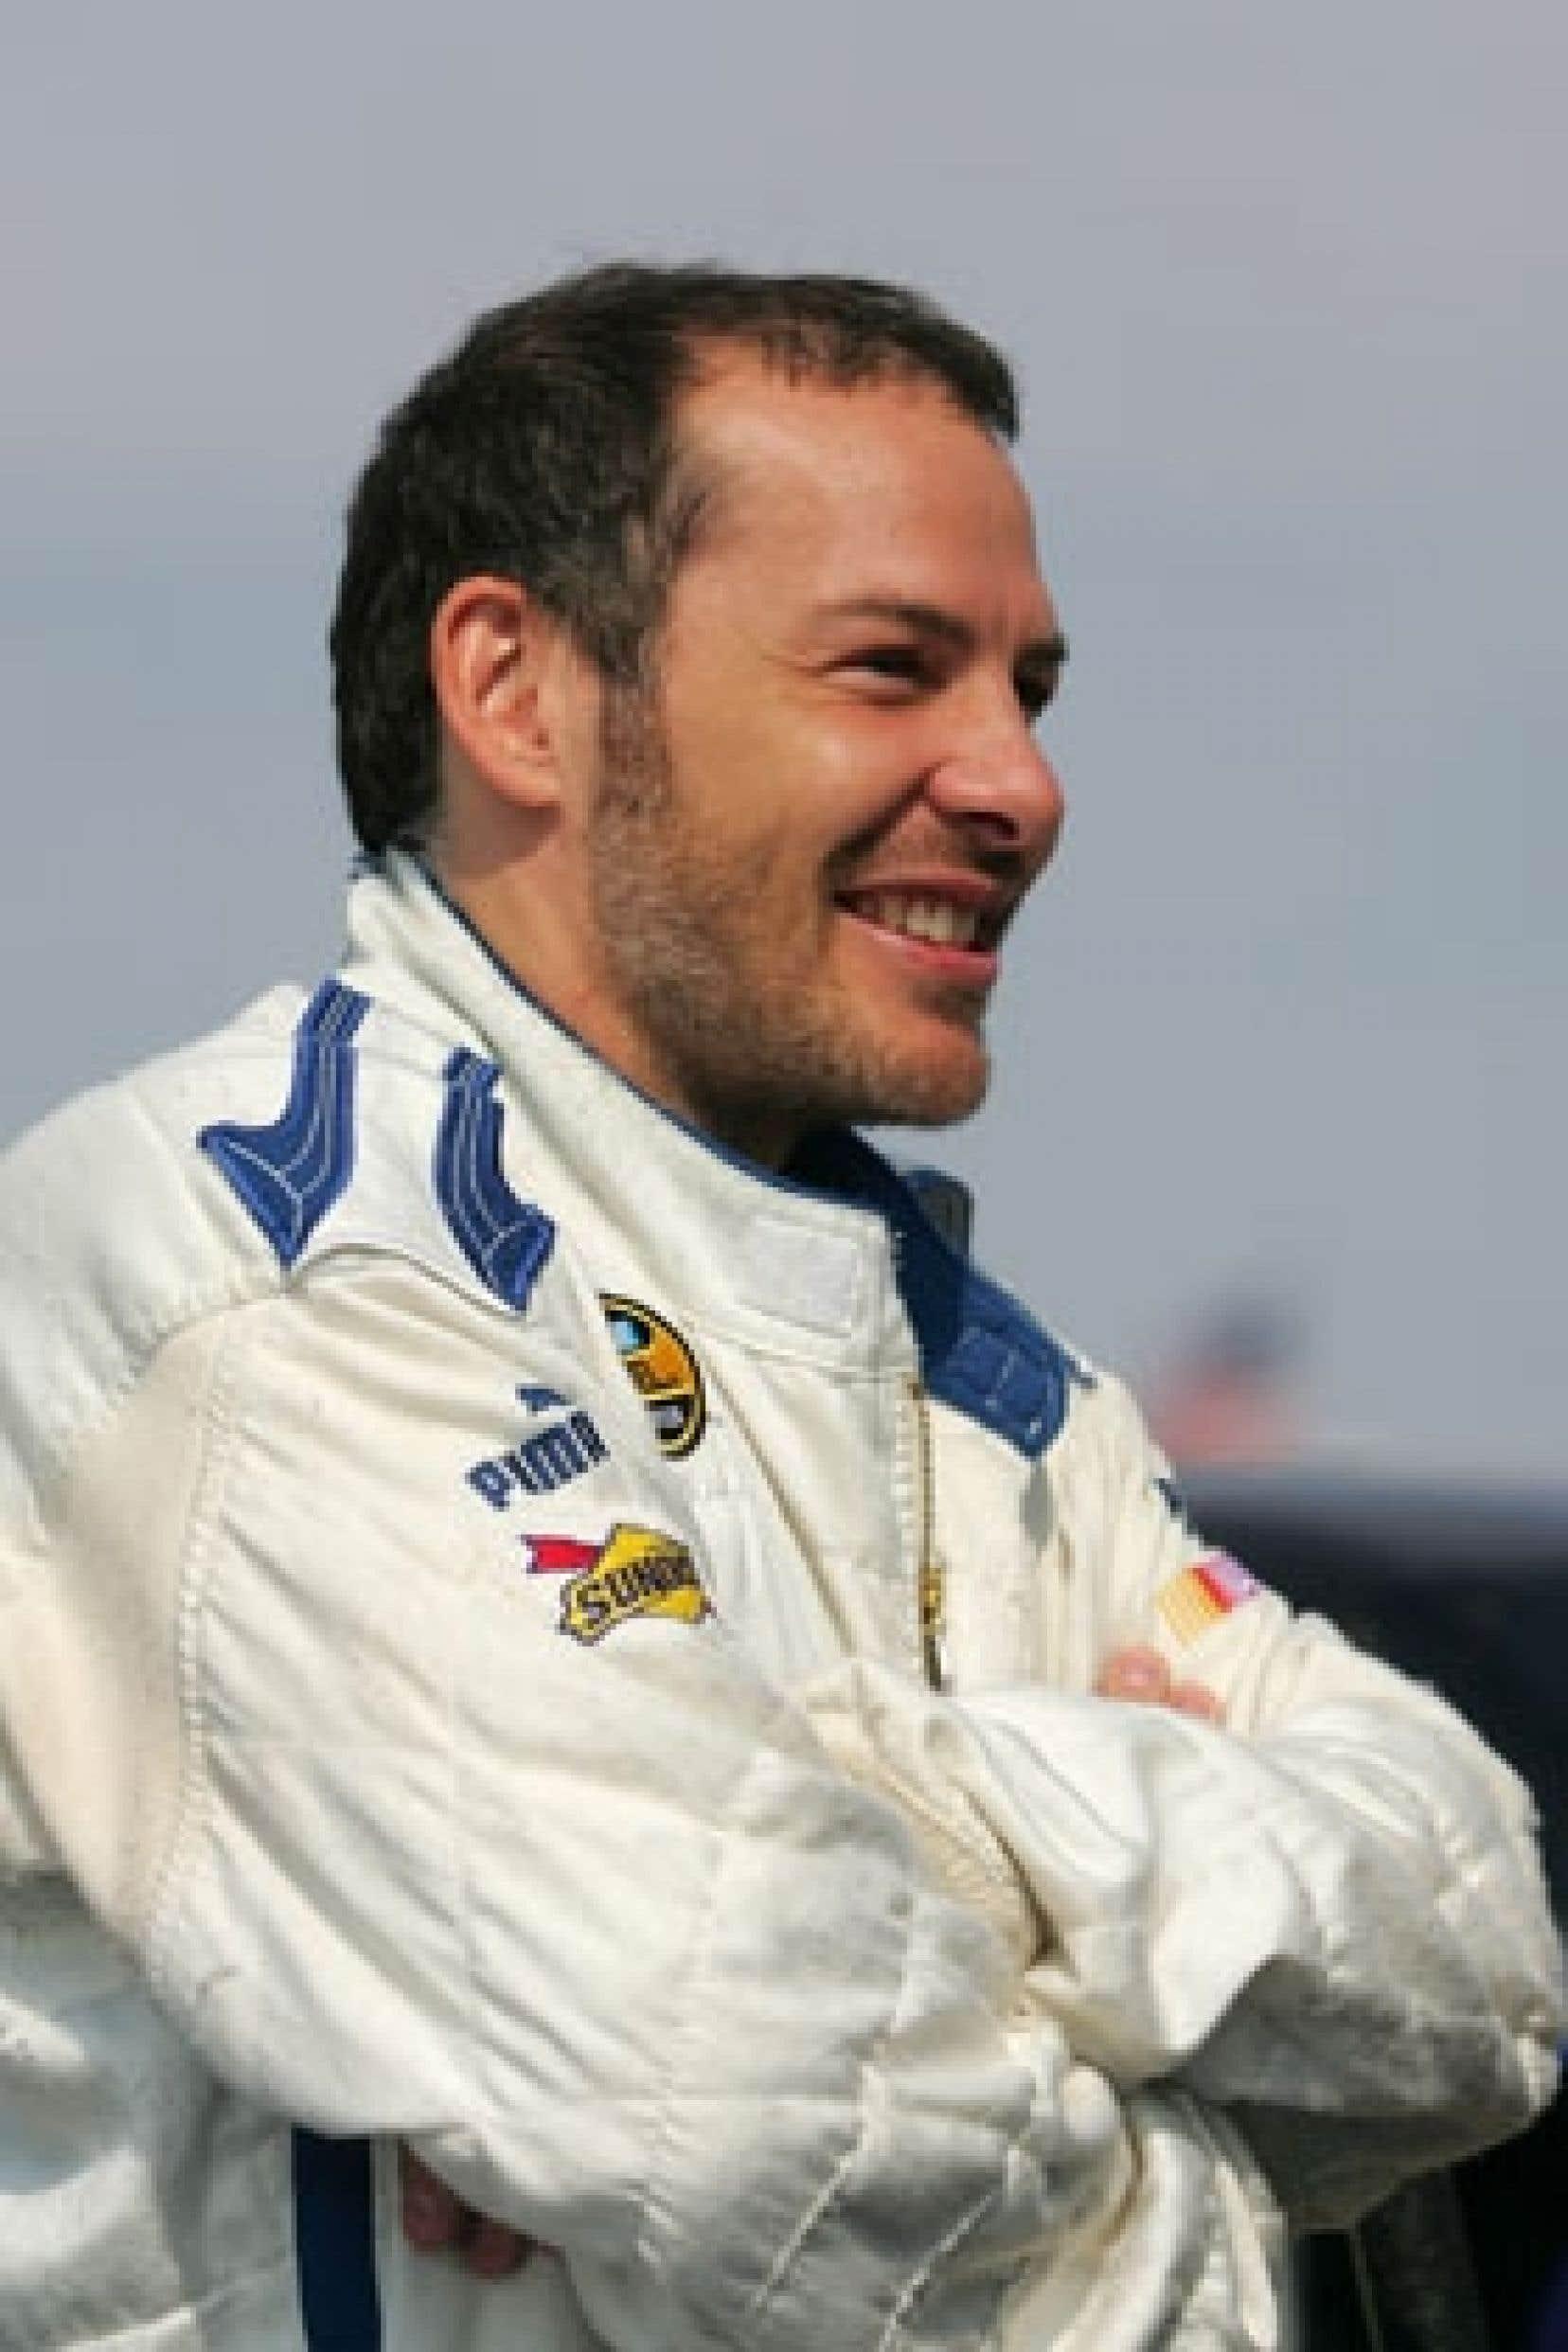 L'écurie Peugeot a confirmé vendredi dernier que Jacques Villeneuve fera partie de ses pilotes en vue des 24 Heures du Mans, en juin.